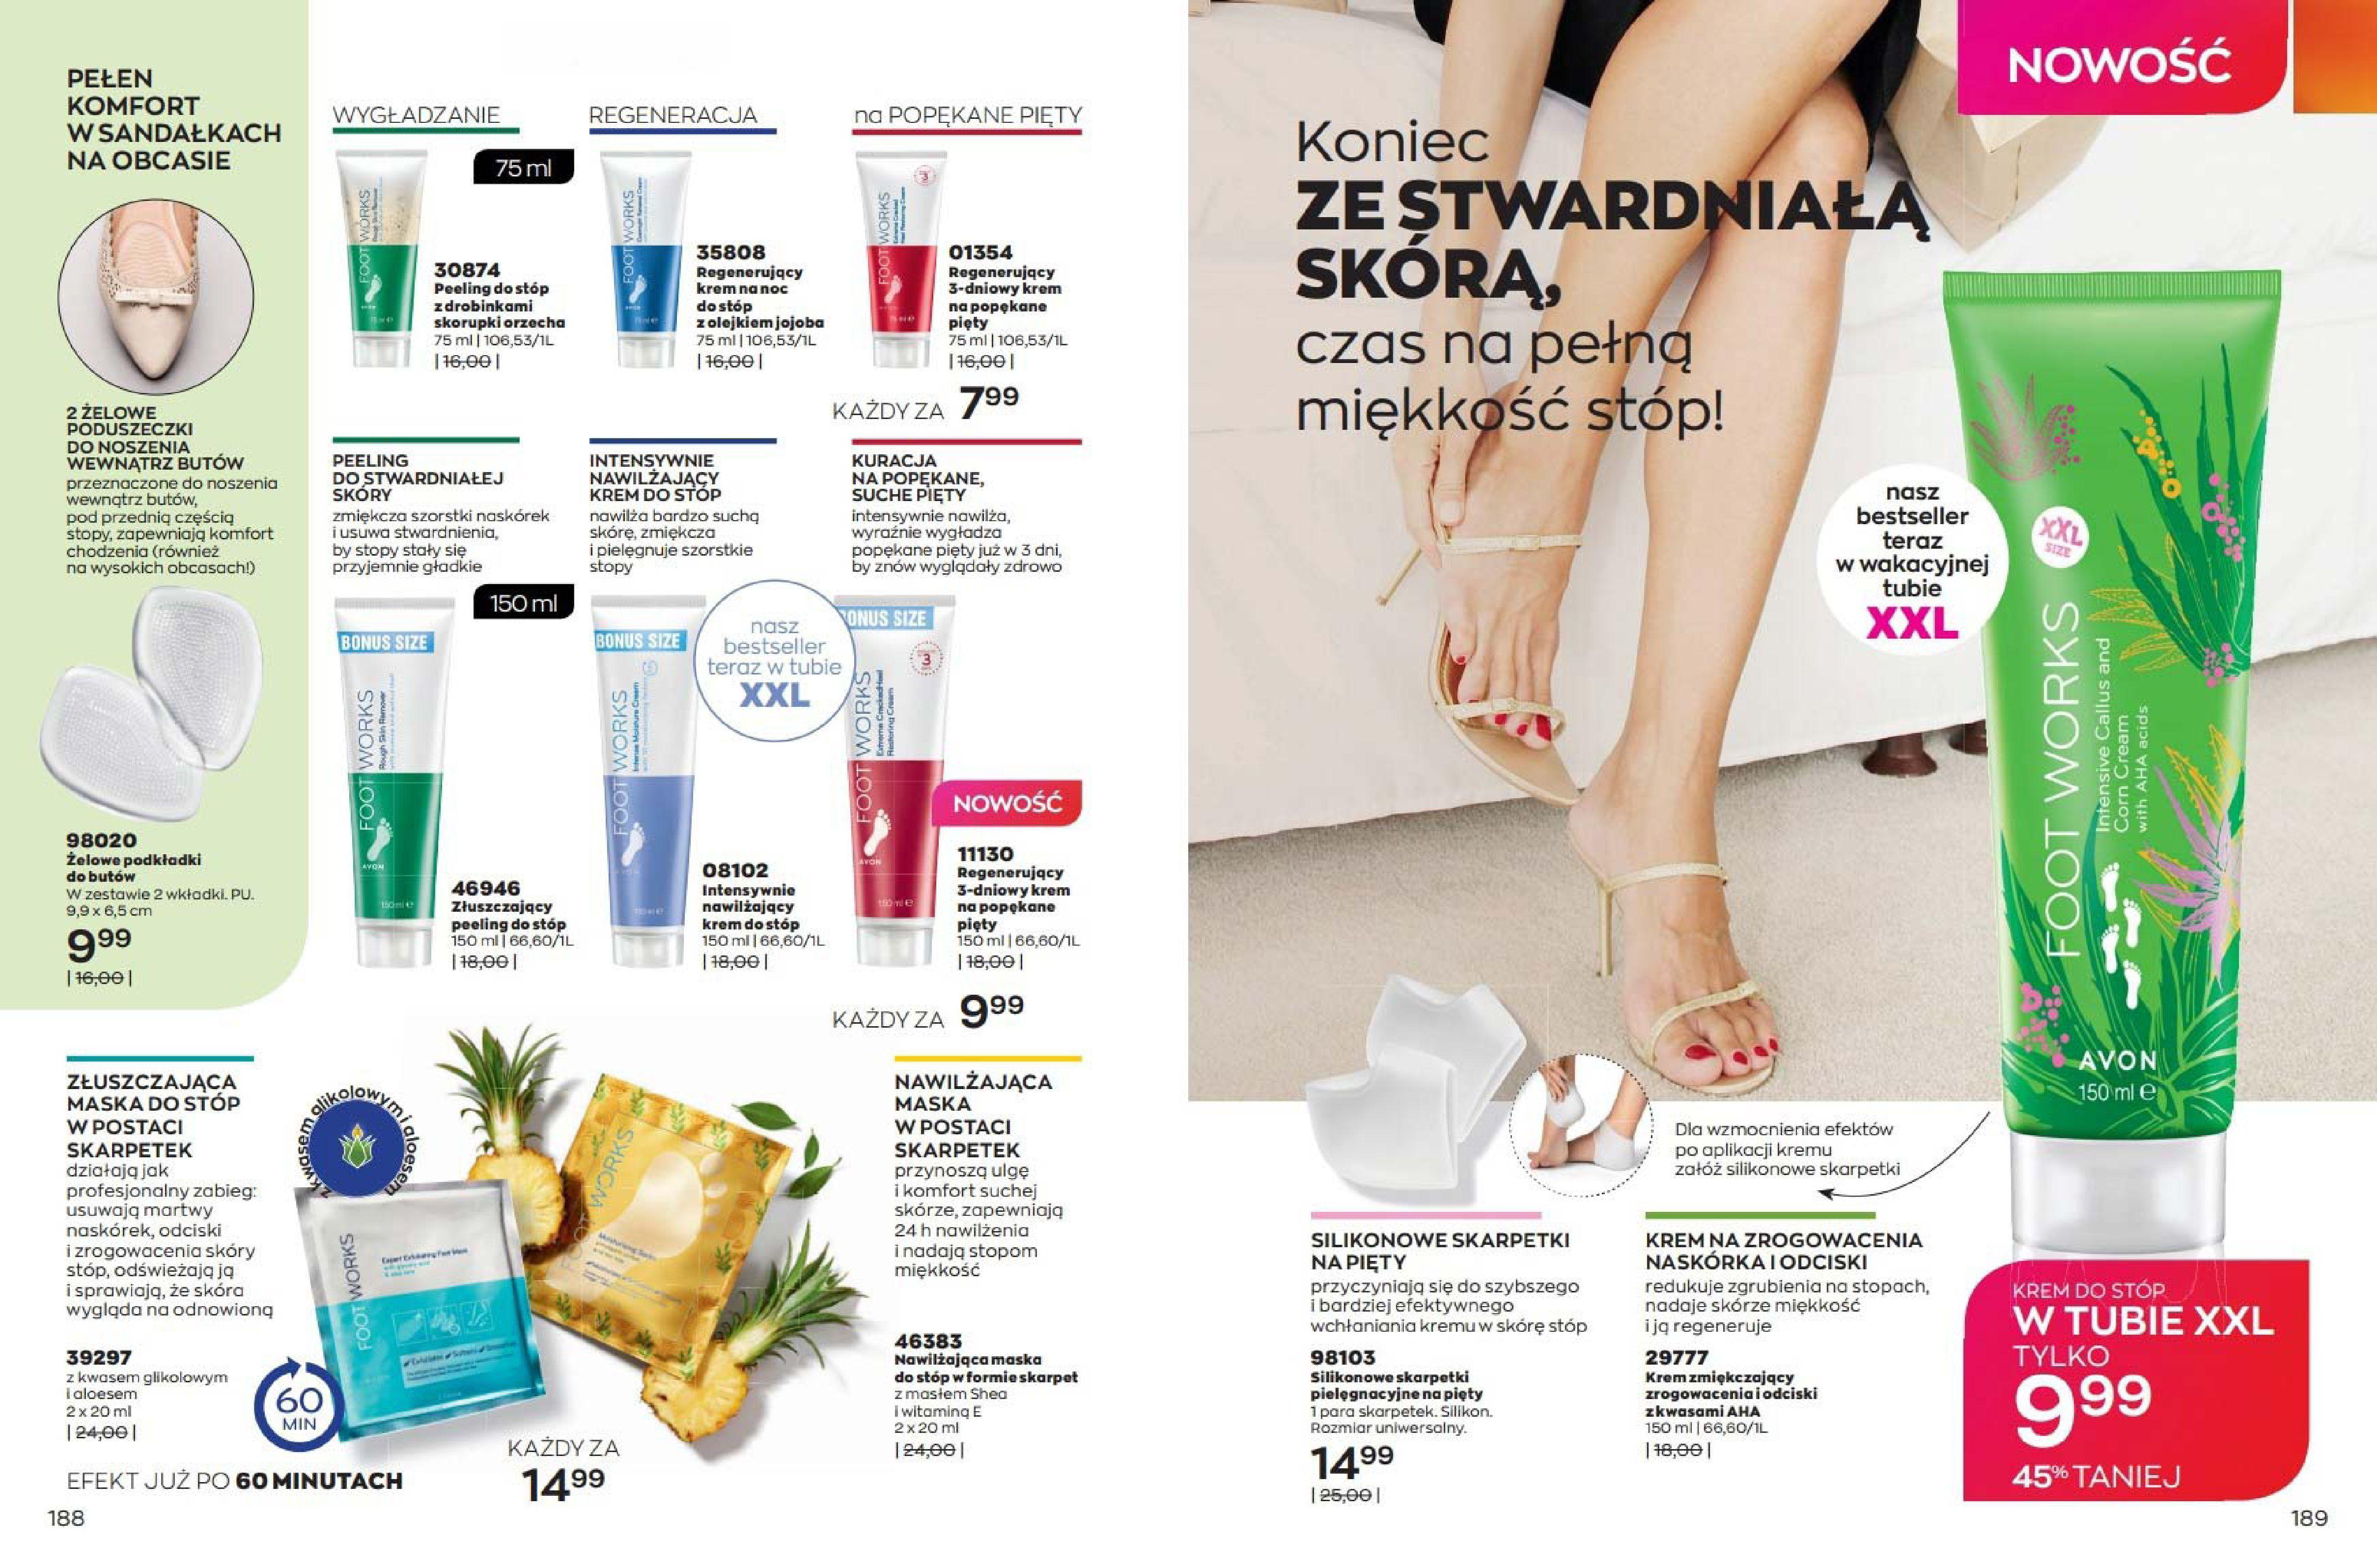 Gazetka Avon: Katalog Avon - Lipiec 2021 2021-07-01 page-95